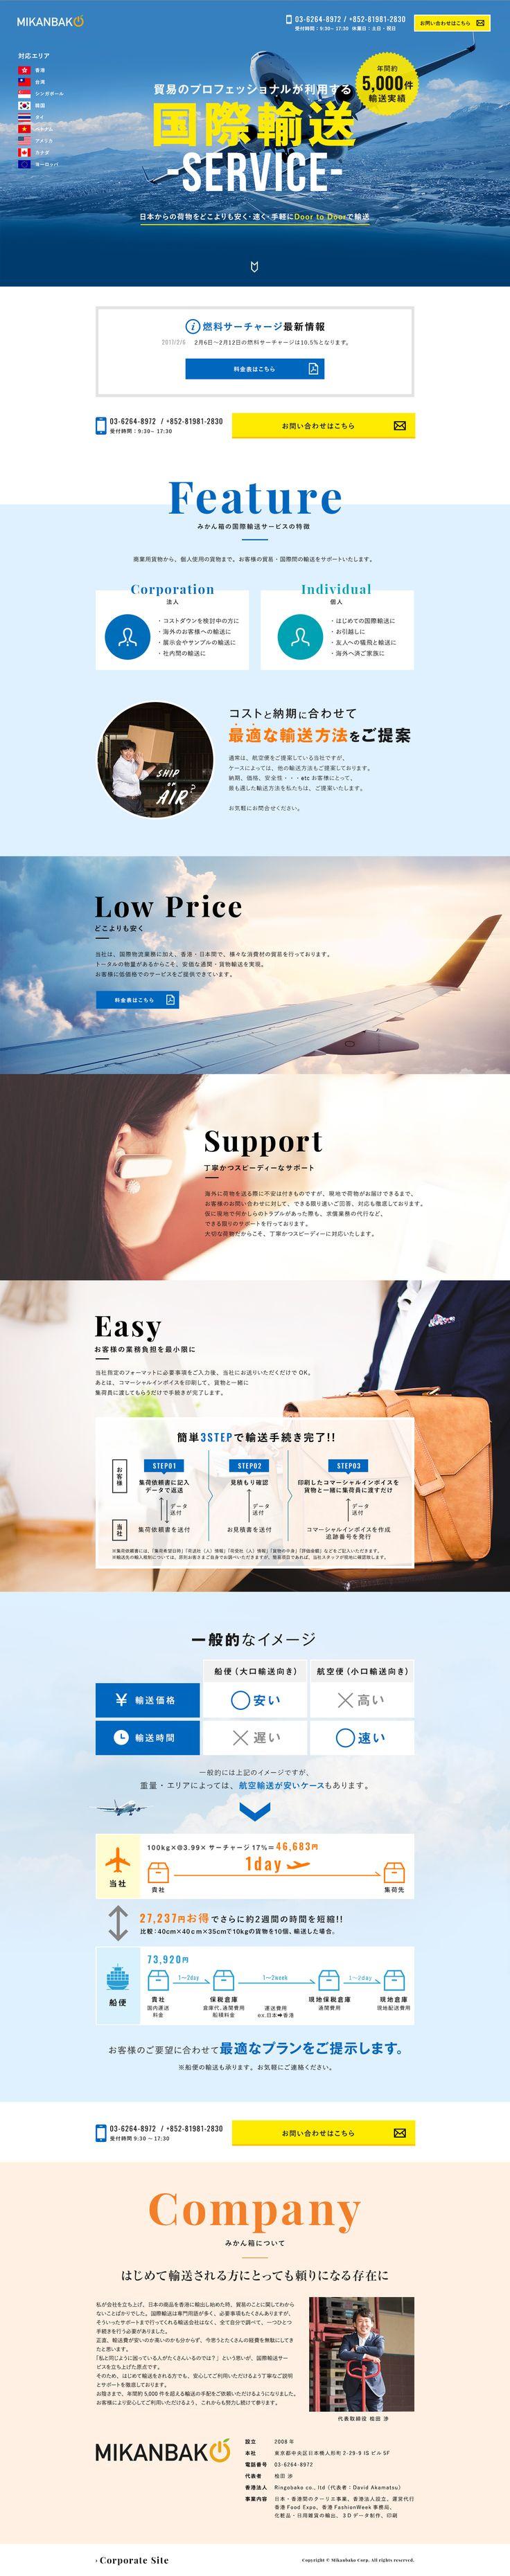 みかん箱 #LP #ランディングページデザイン #Webデザイン #Design #飛行機